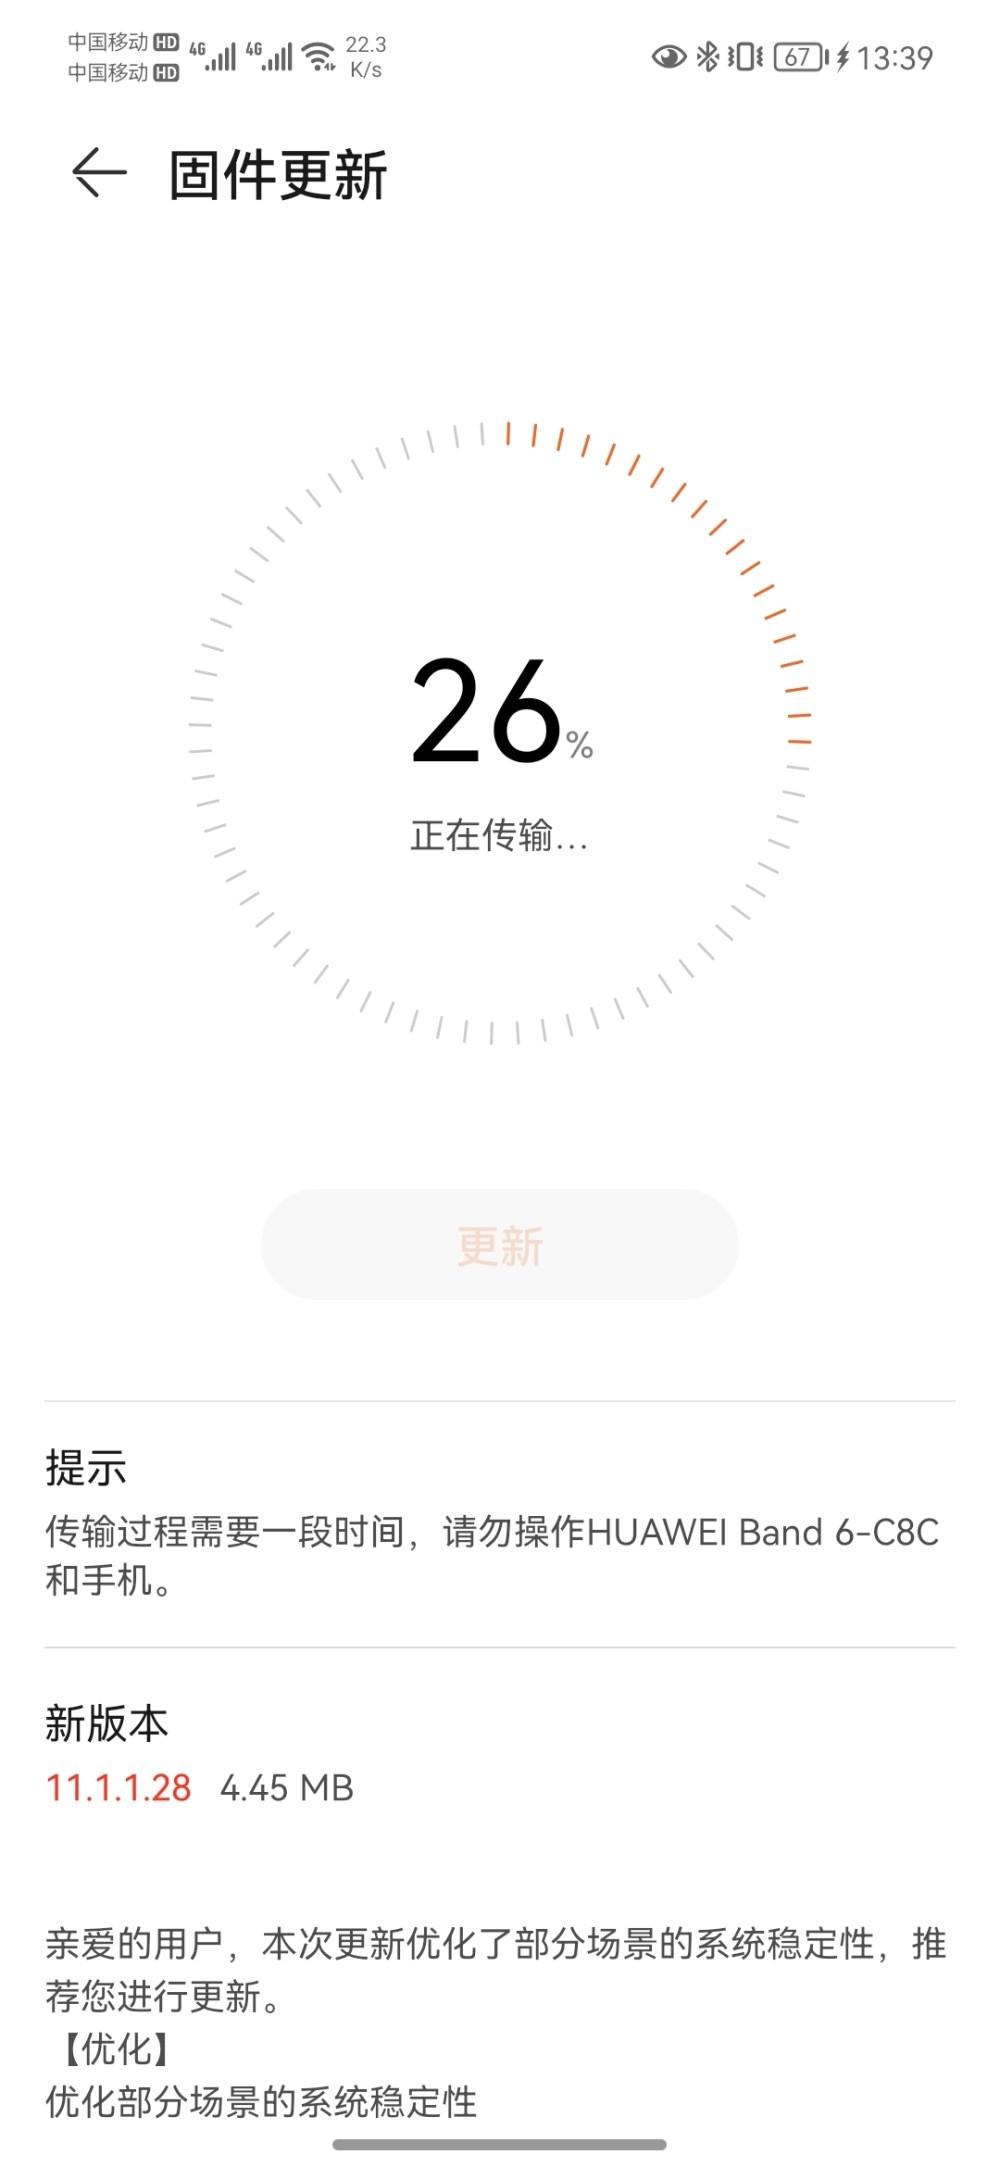 Huawei Band 6 version 11.1.1.28